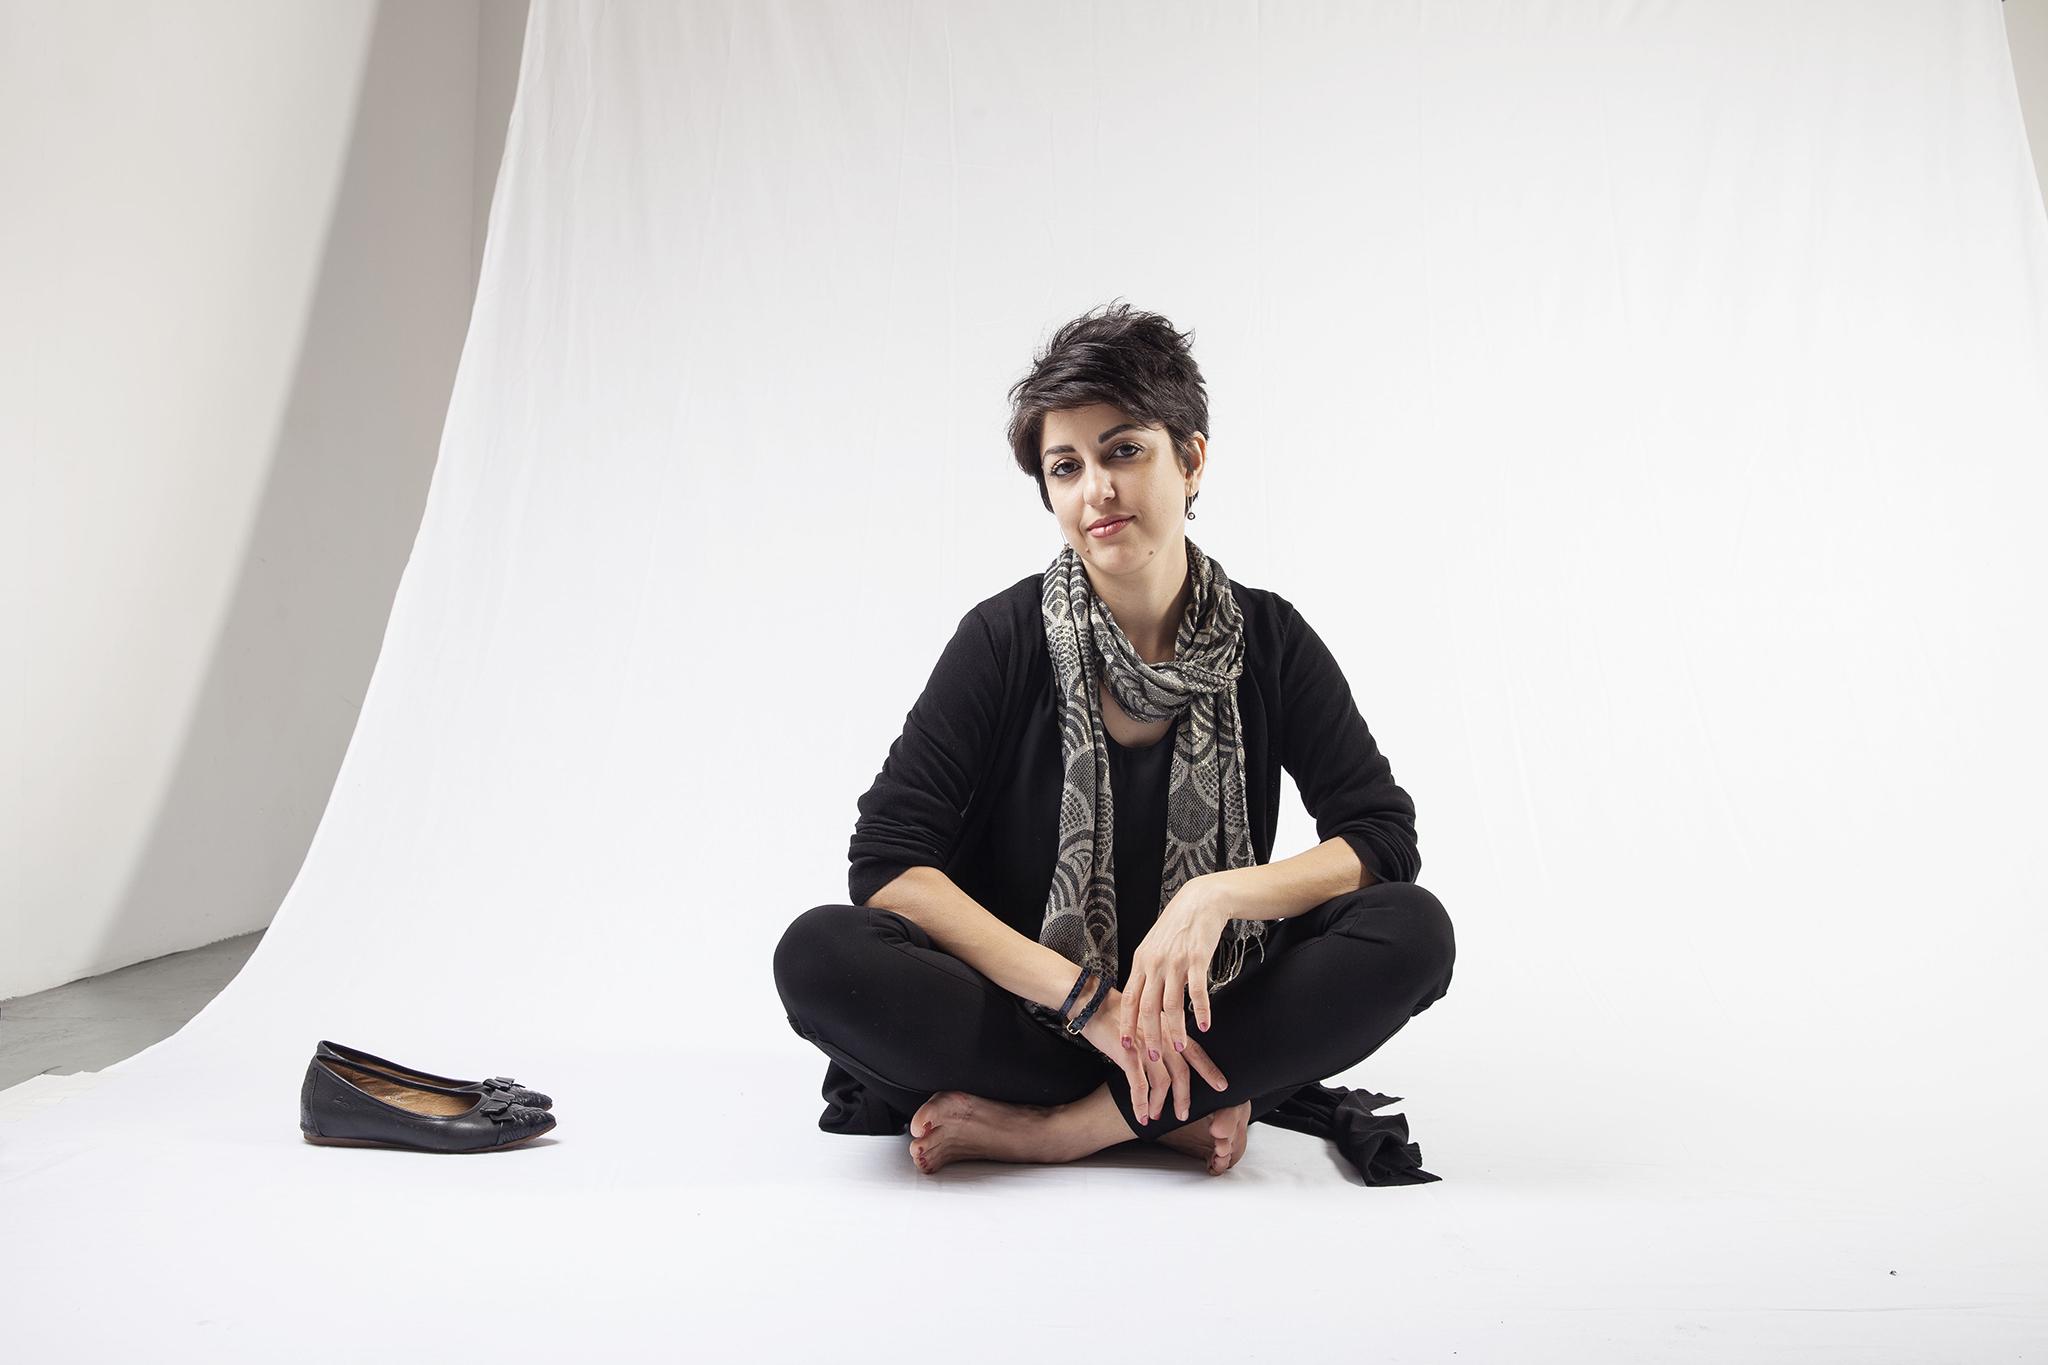 """Sanaz Fotouhi, co-produtora de """"Love marriage in kabul"""": """"A política não vai criar a paz"""""""